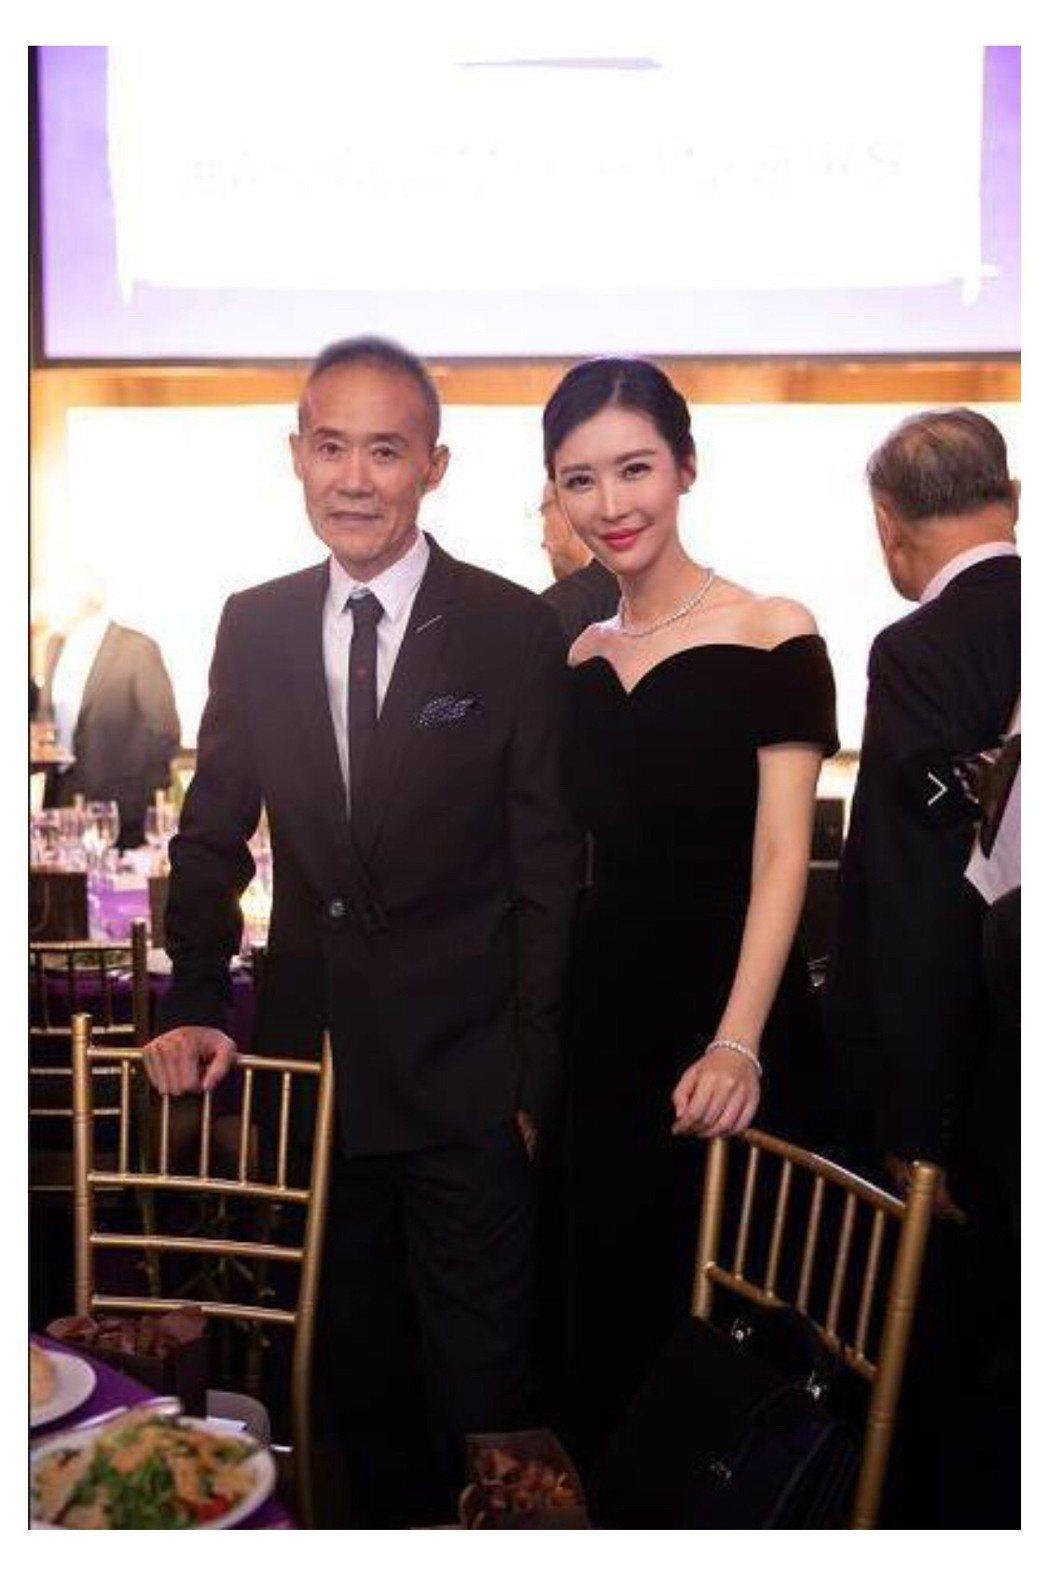 大陸地產大亨王石(左)和女星田樸君差30歲 圖/翻攝微博